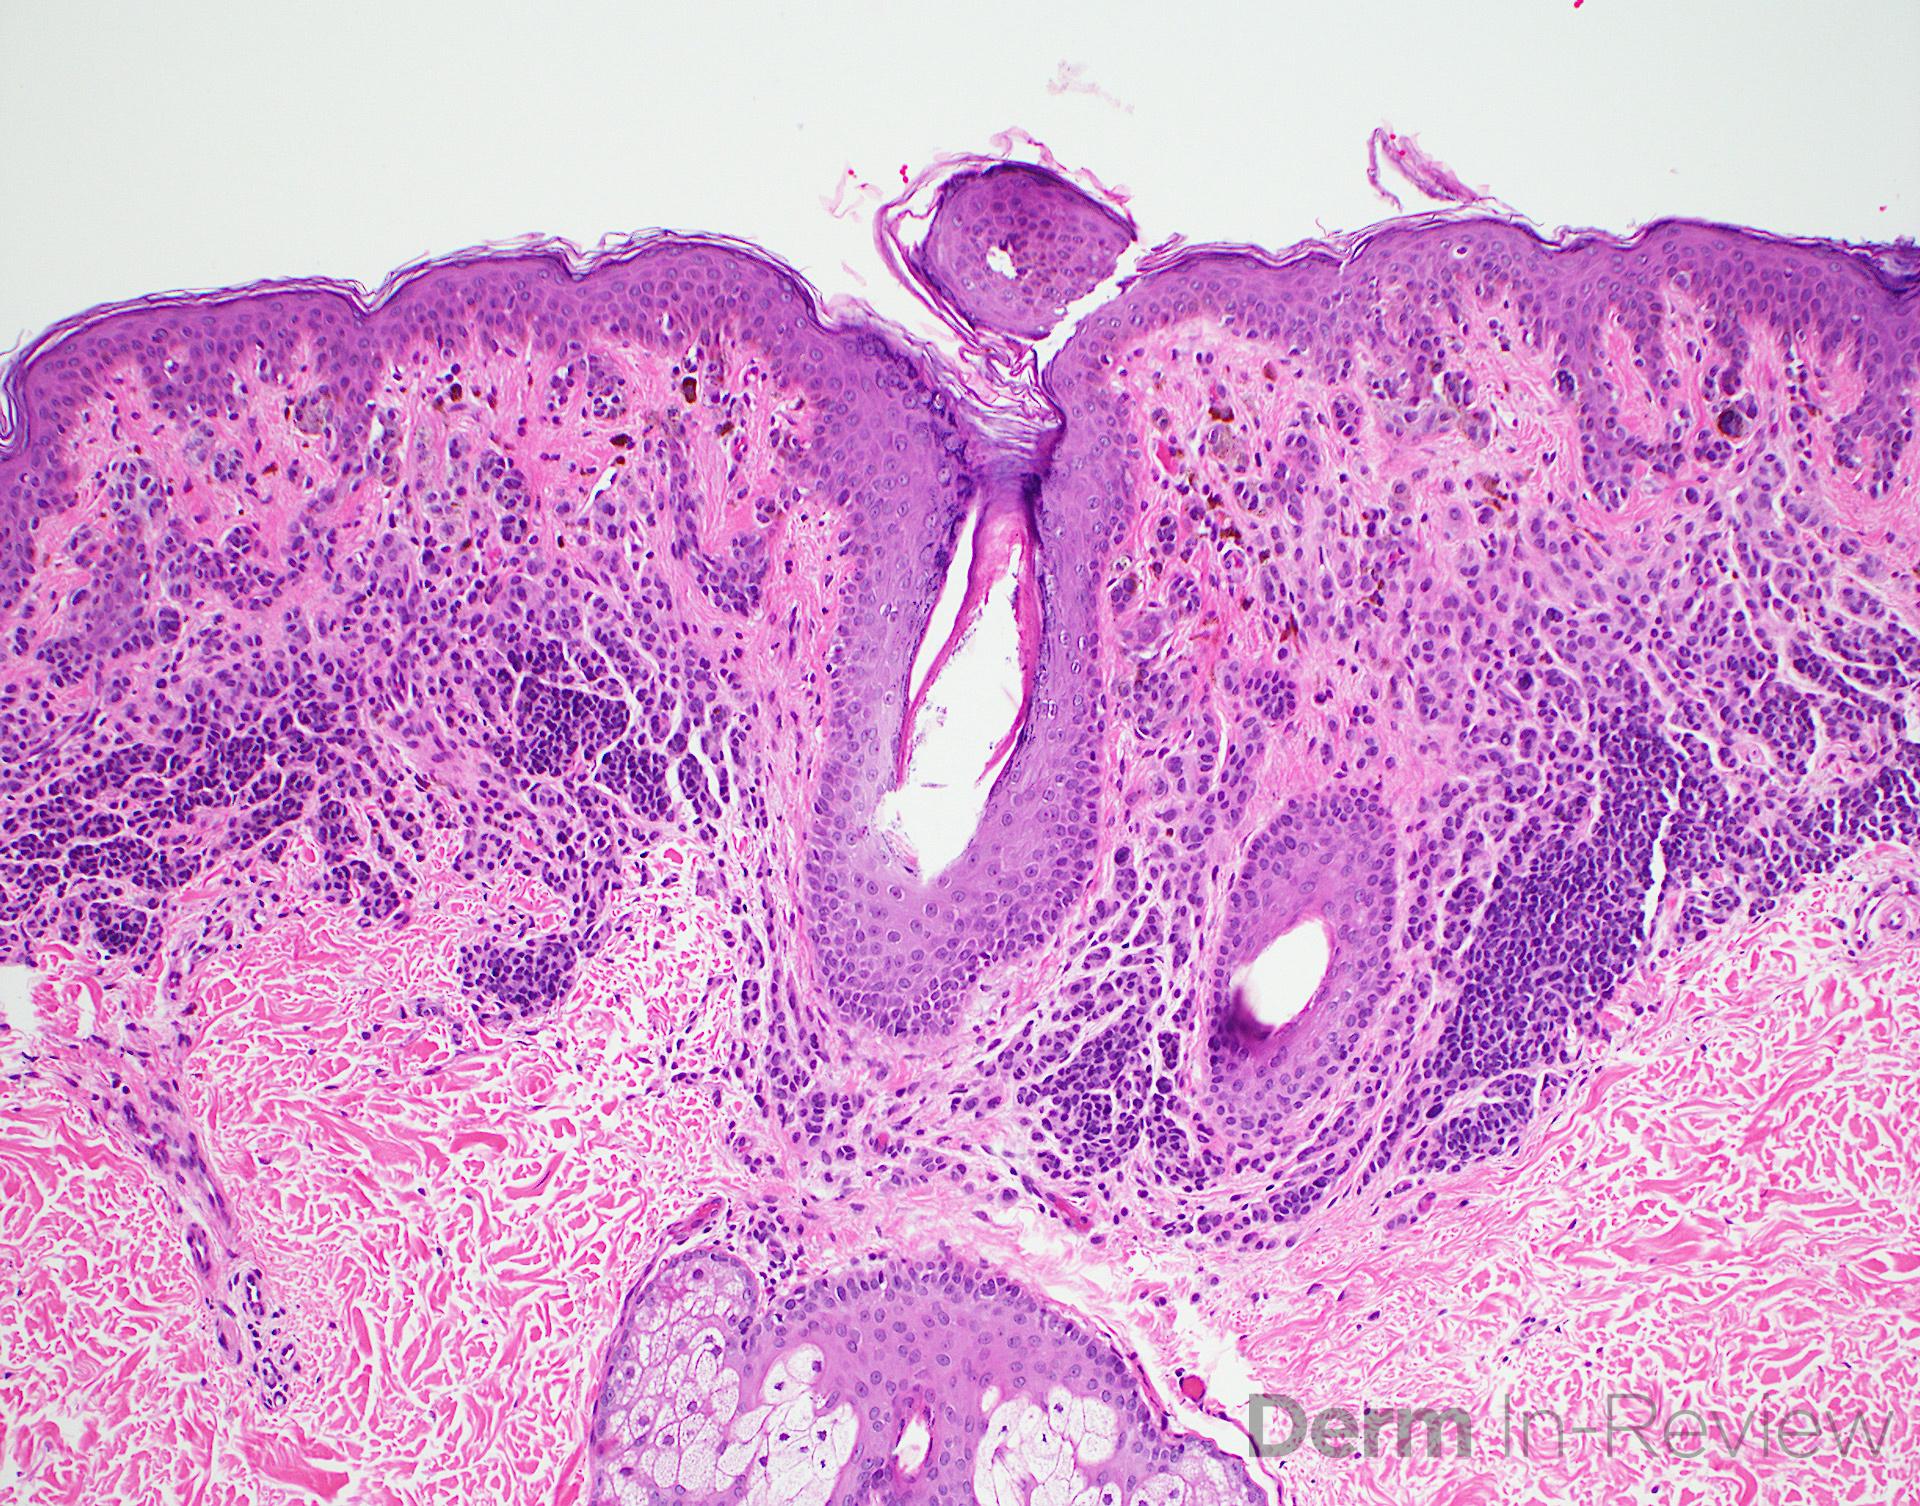 12.2A compound melanocytic nevus